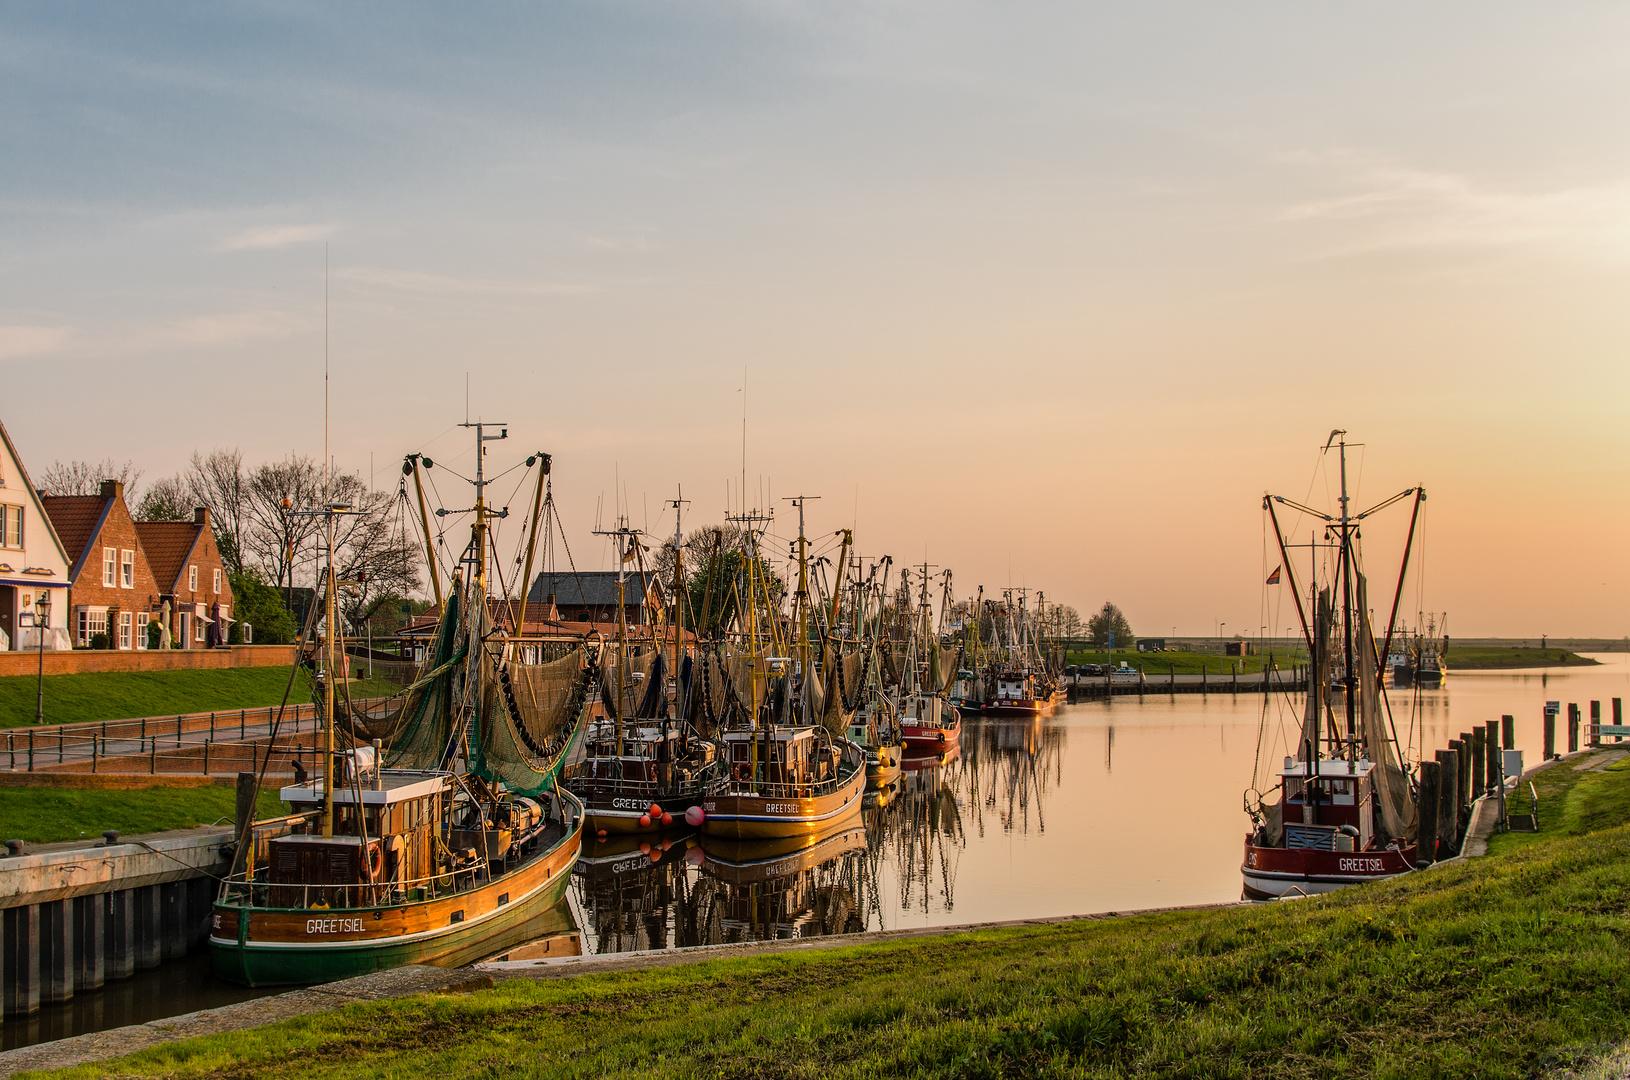 Hafen von Greetsiel